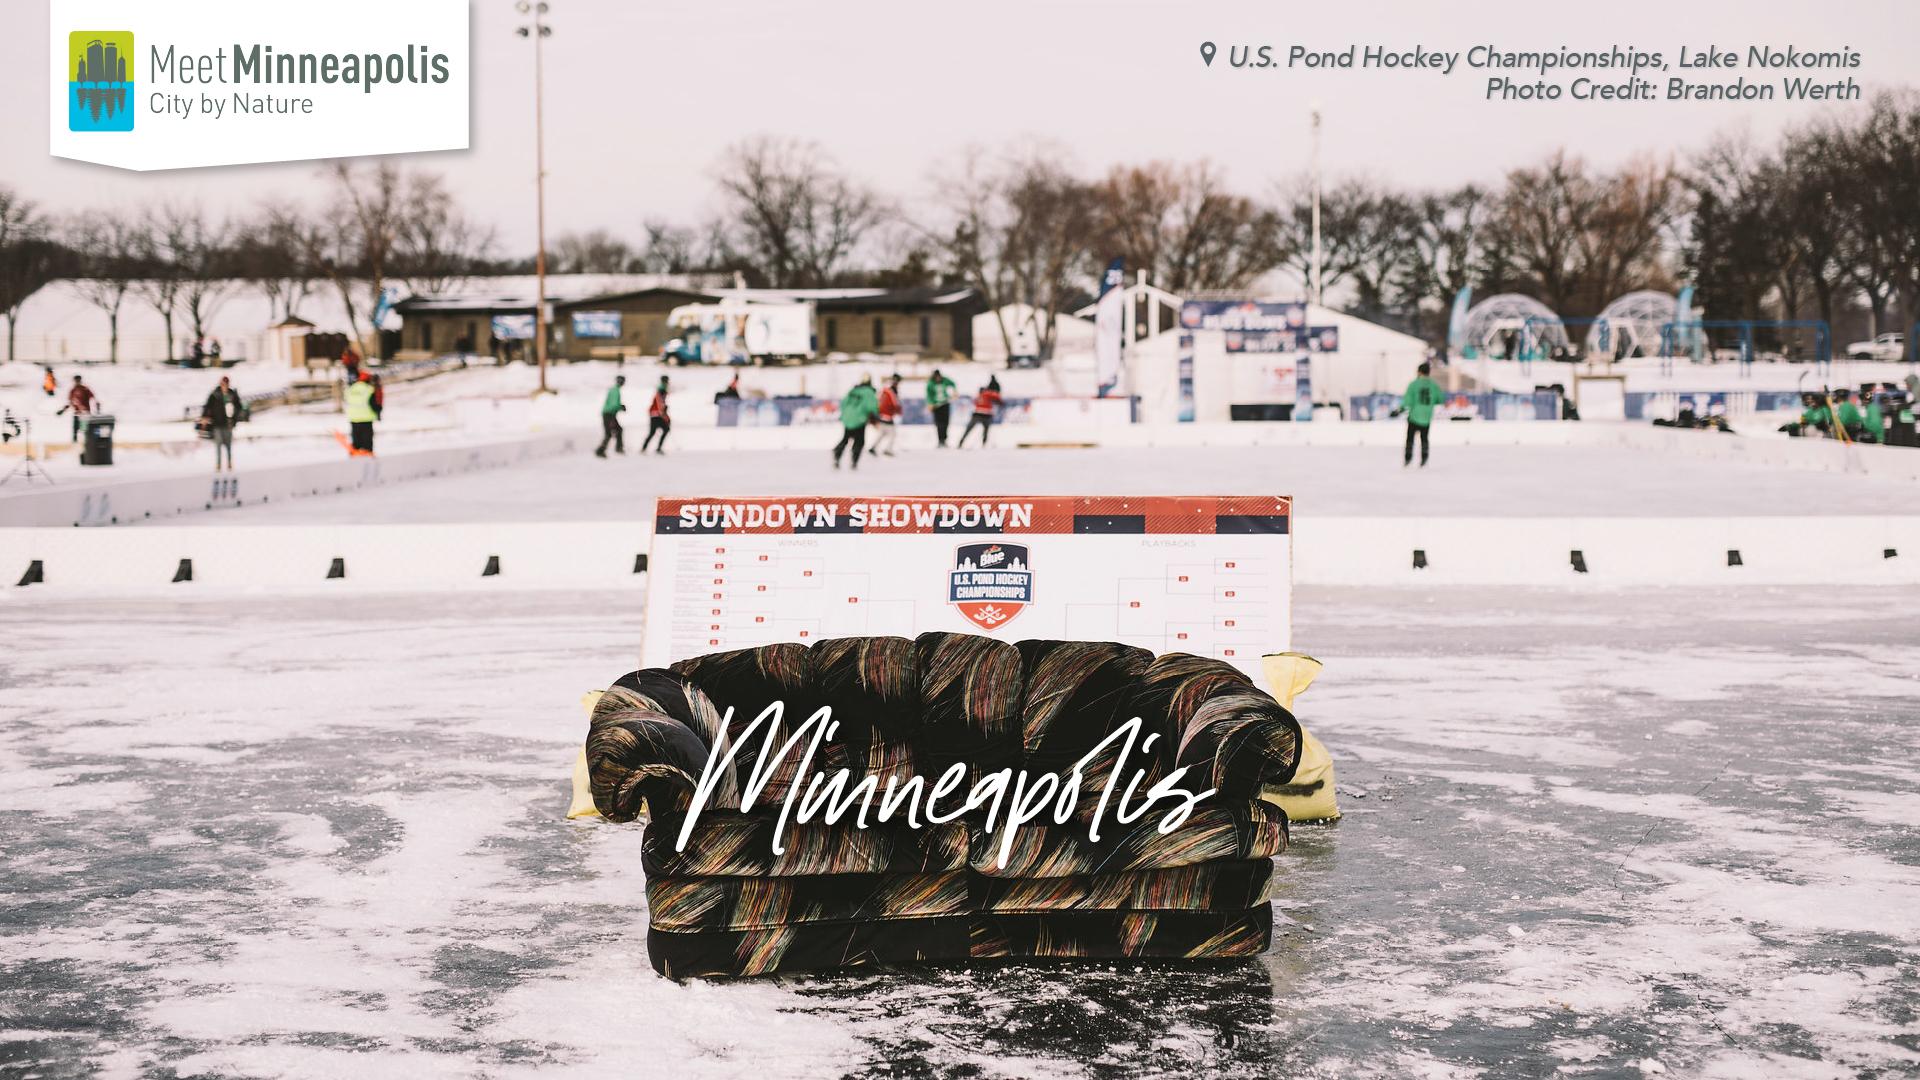 U.S. pond hockey championships on lake nokomis